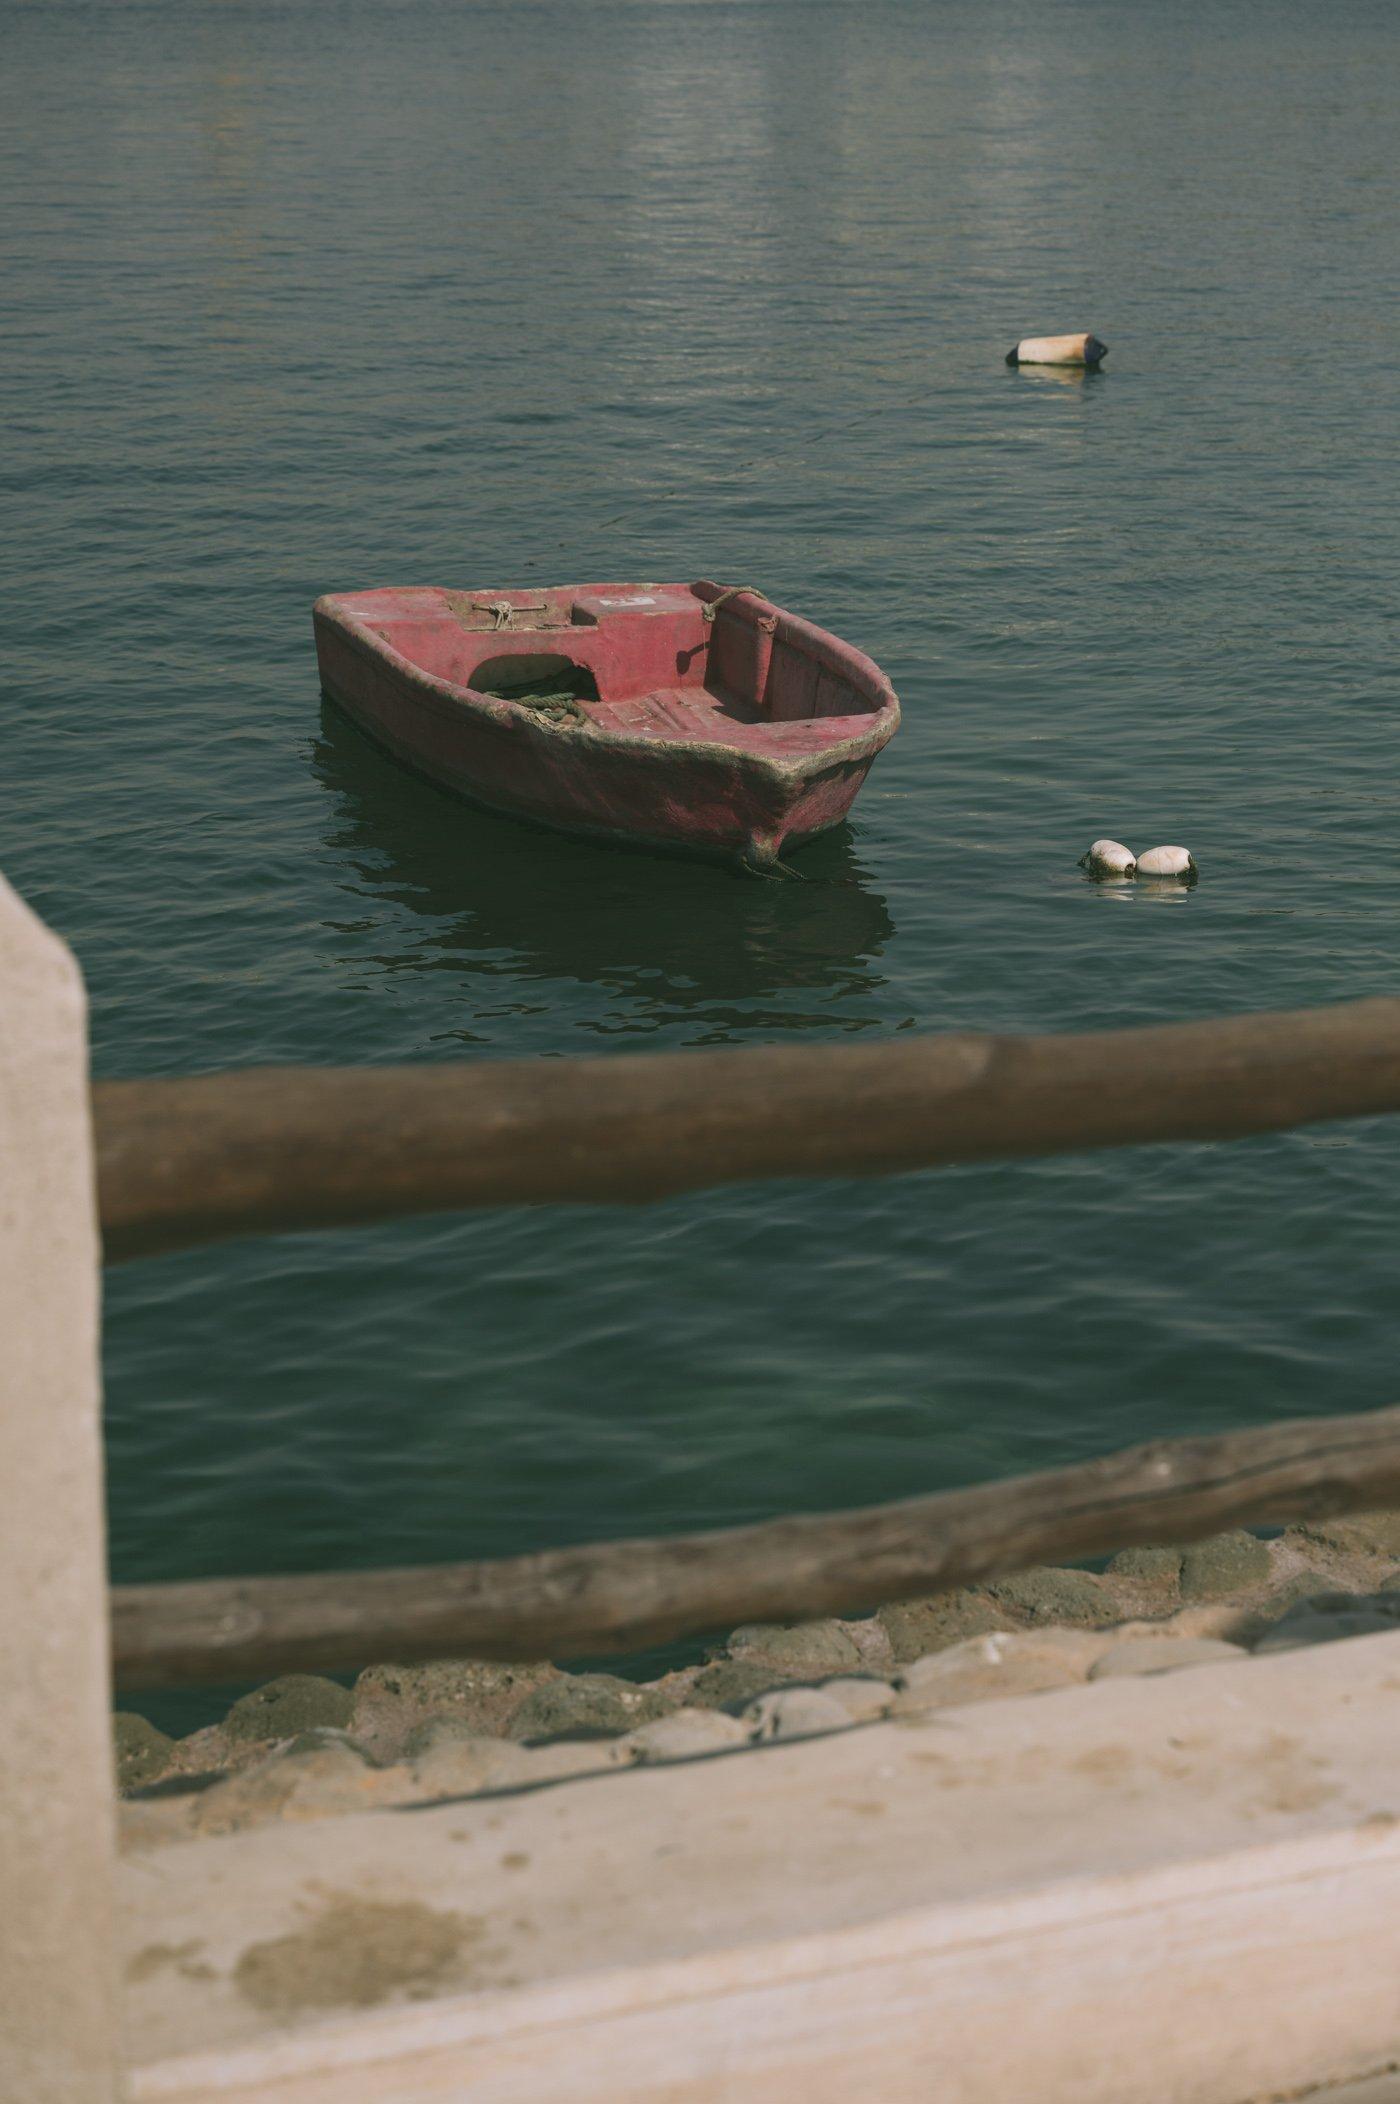 An old wooden boat at Al Shindagha in Dubai Creek